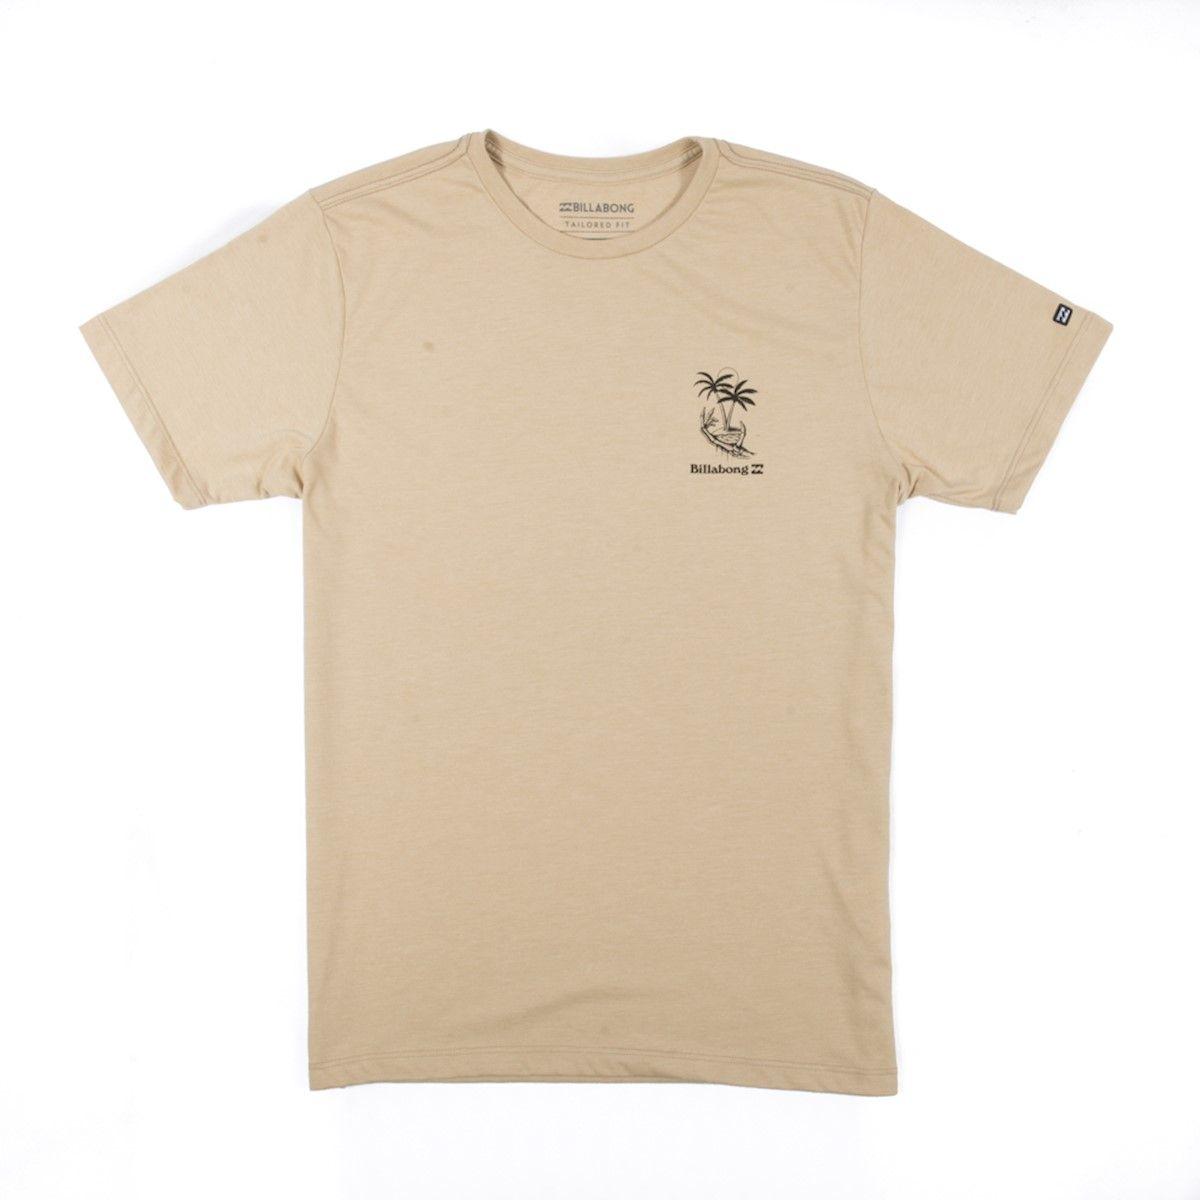 Camiseta Billabong Permanent Vacation